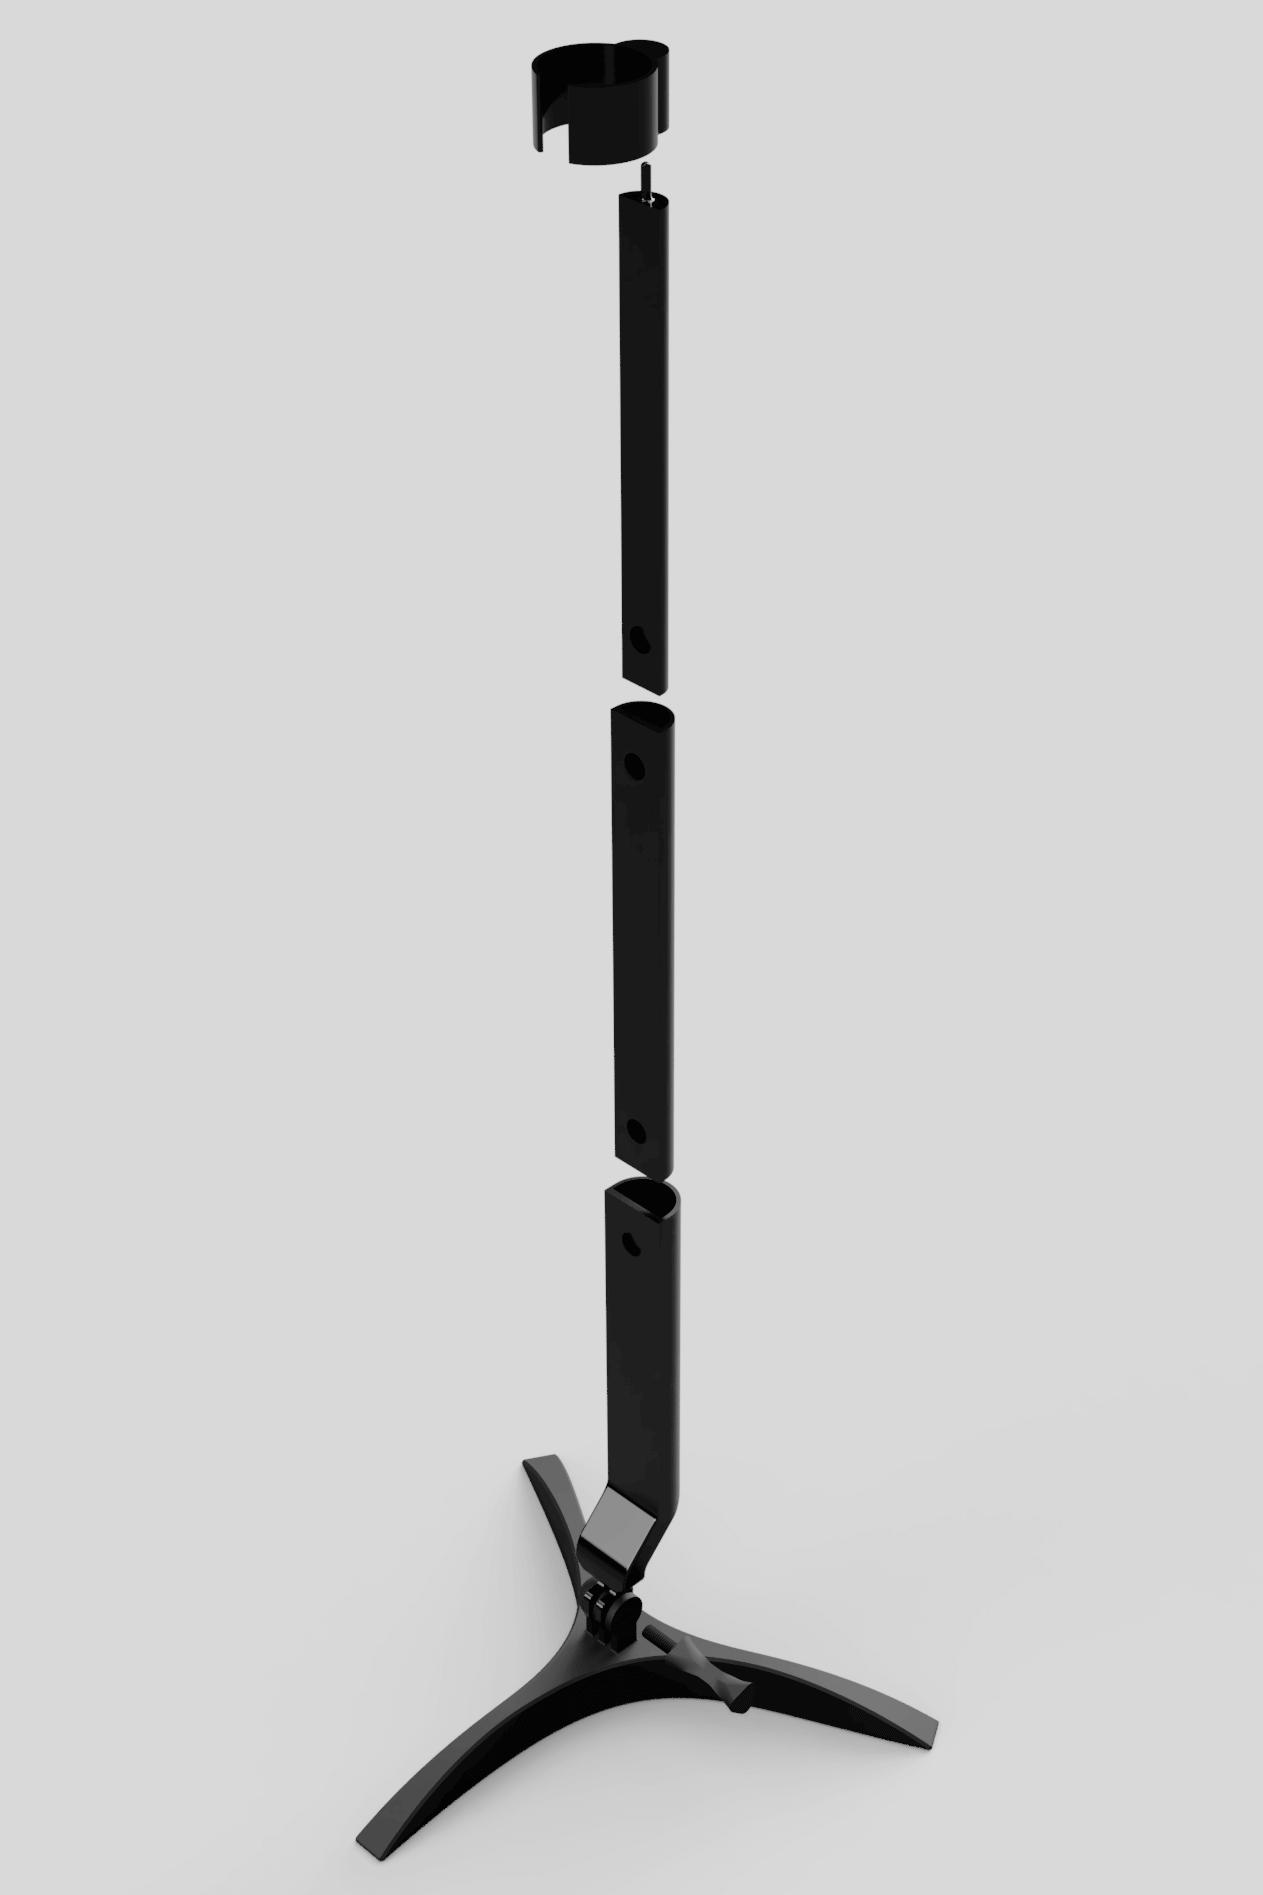 rendering of feeding tube holder design